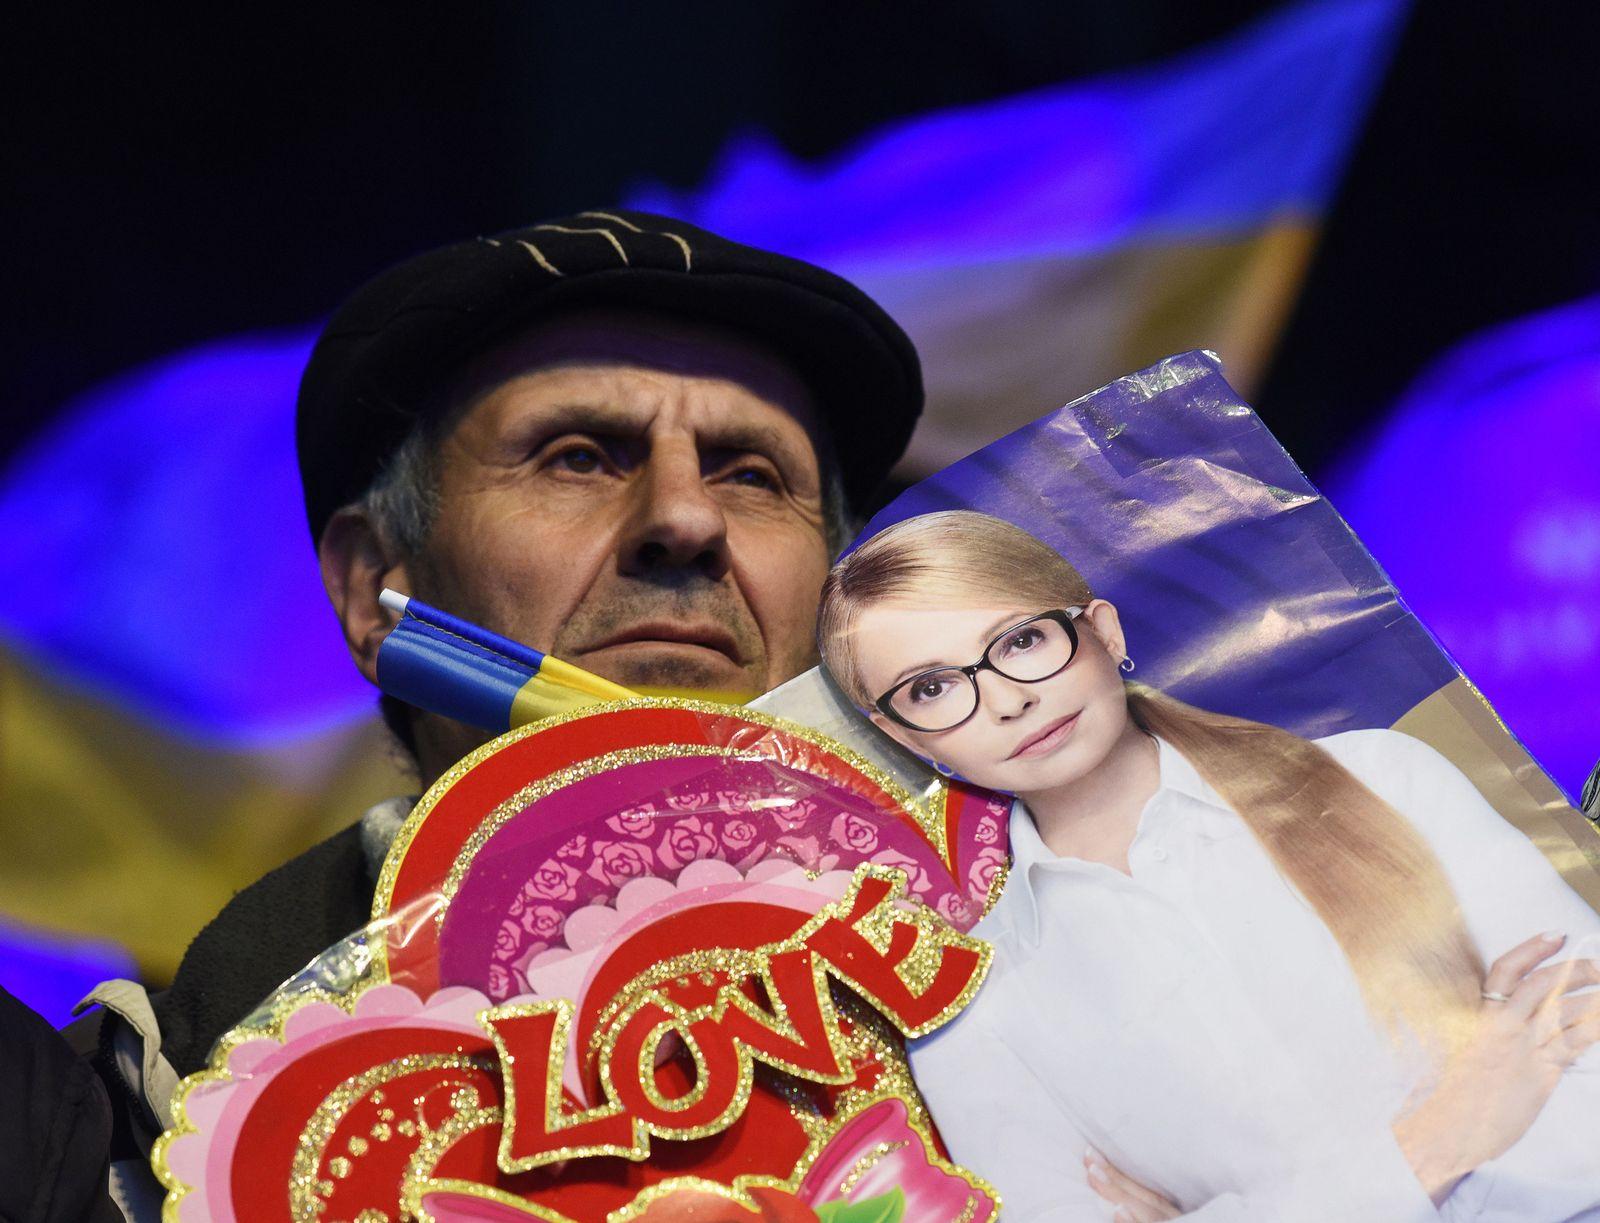 Ukraine/ Wahlen/ Tymoschenko